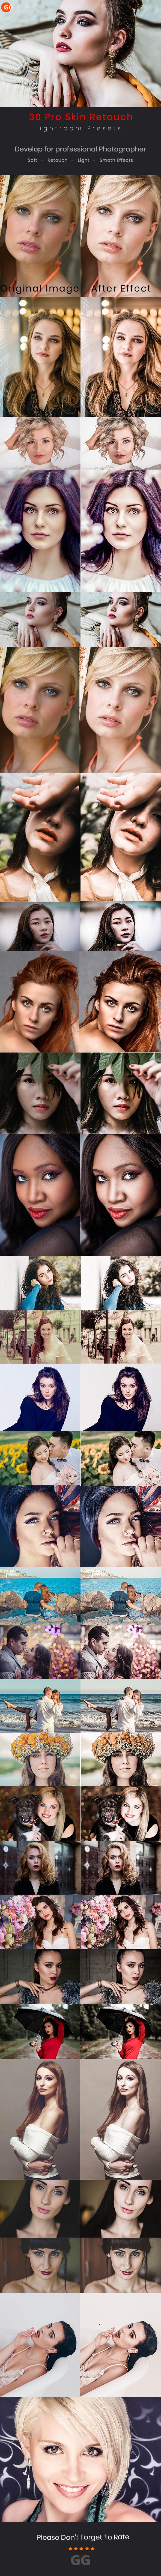 30 Pro Skin Retouch Lightroom Preset - Portrait Lightroom Presets